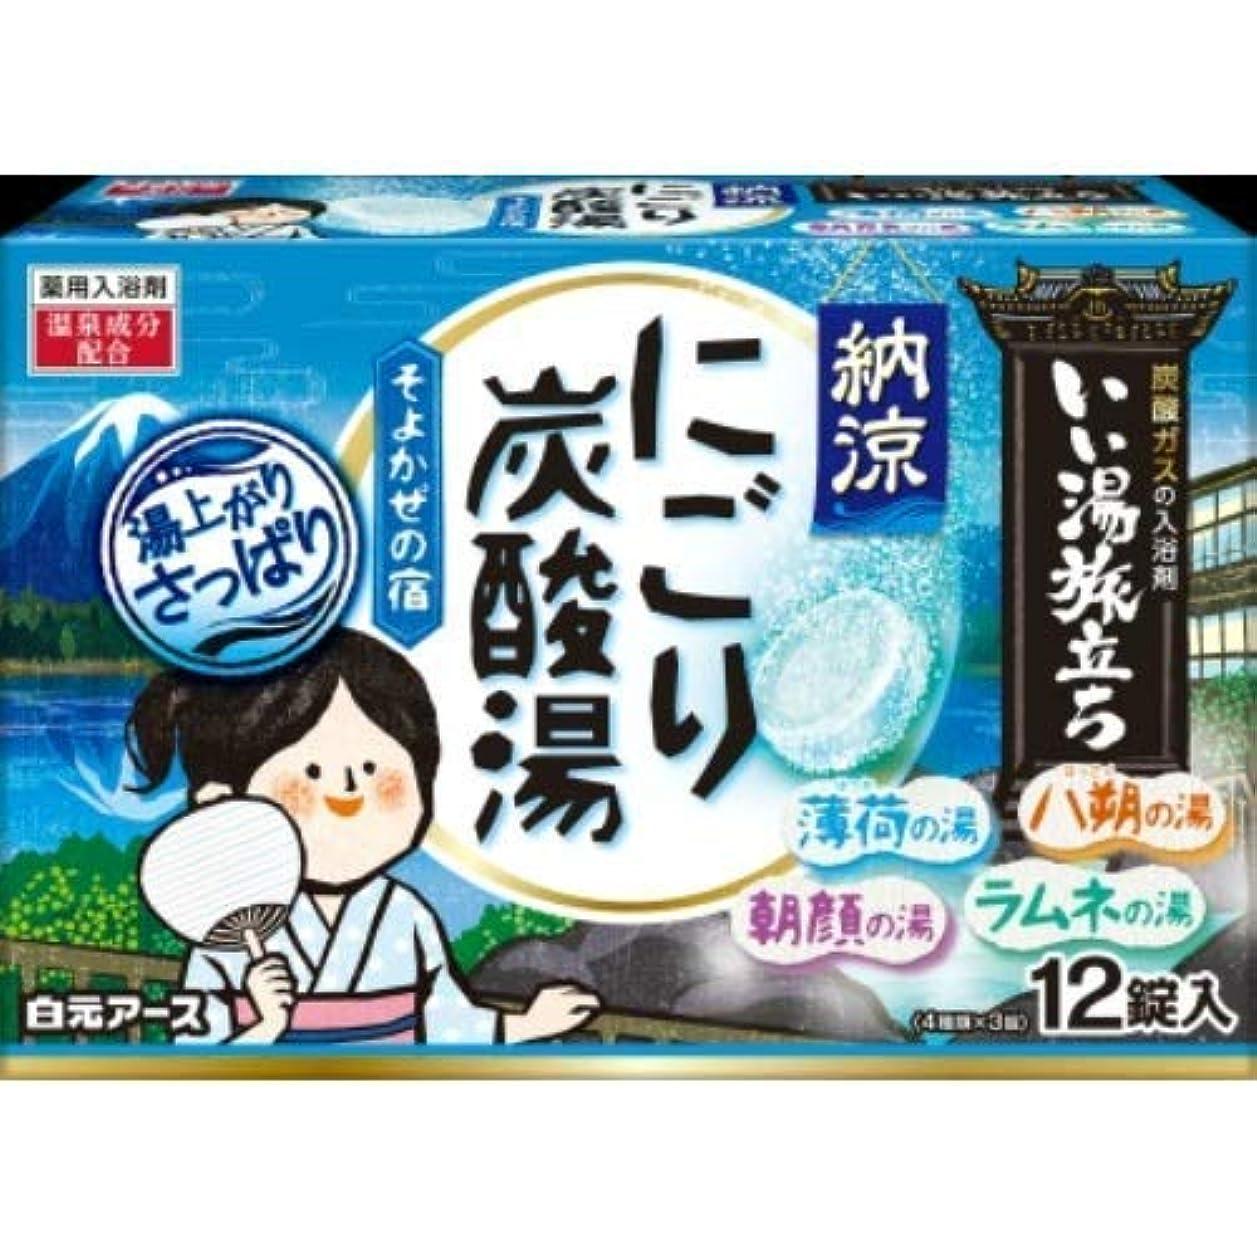 蓮適度な流すいい湯旅立ち 納涼にごり炭酸湯 そよかぜの宿 × 12個セット